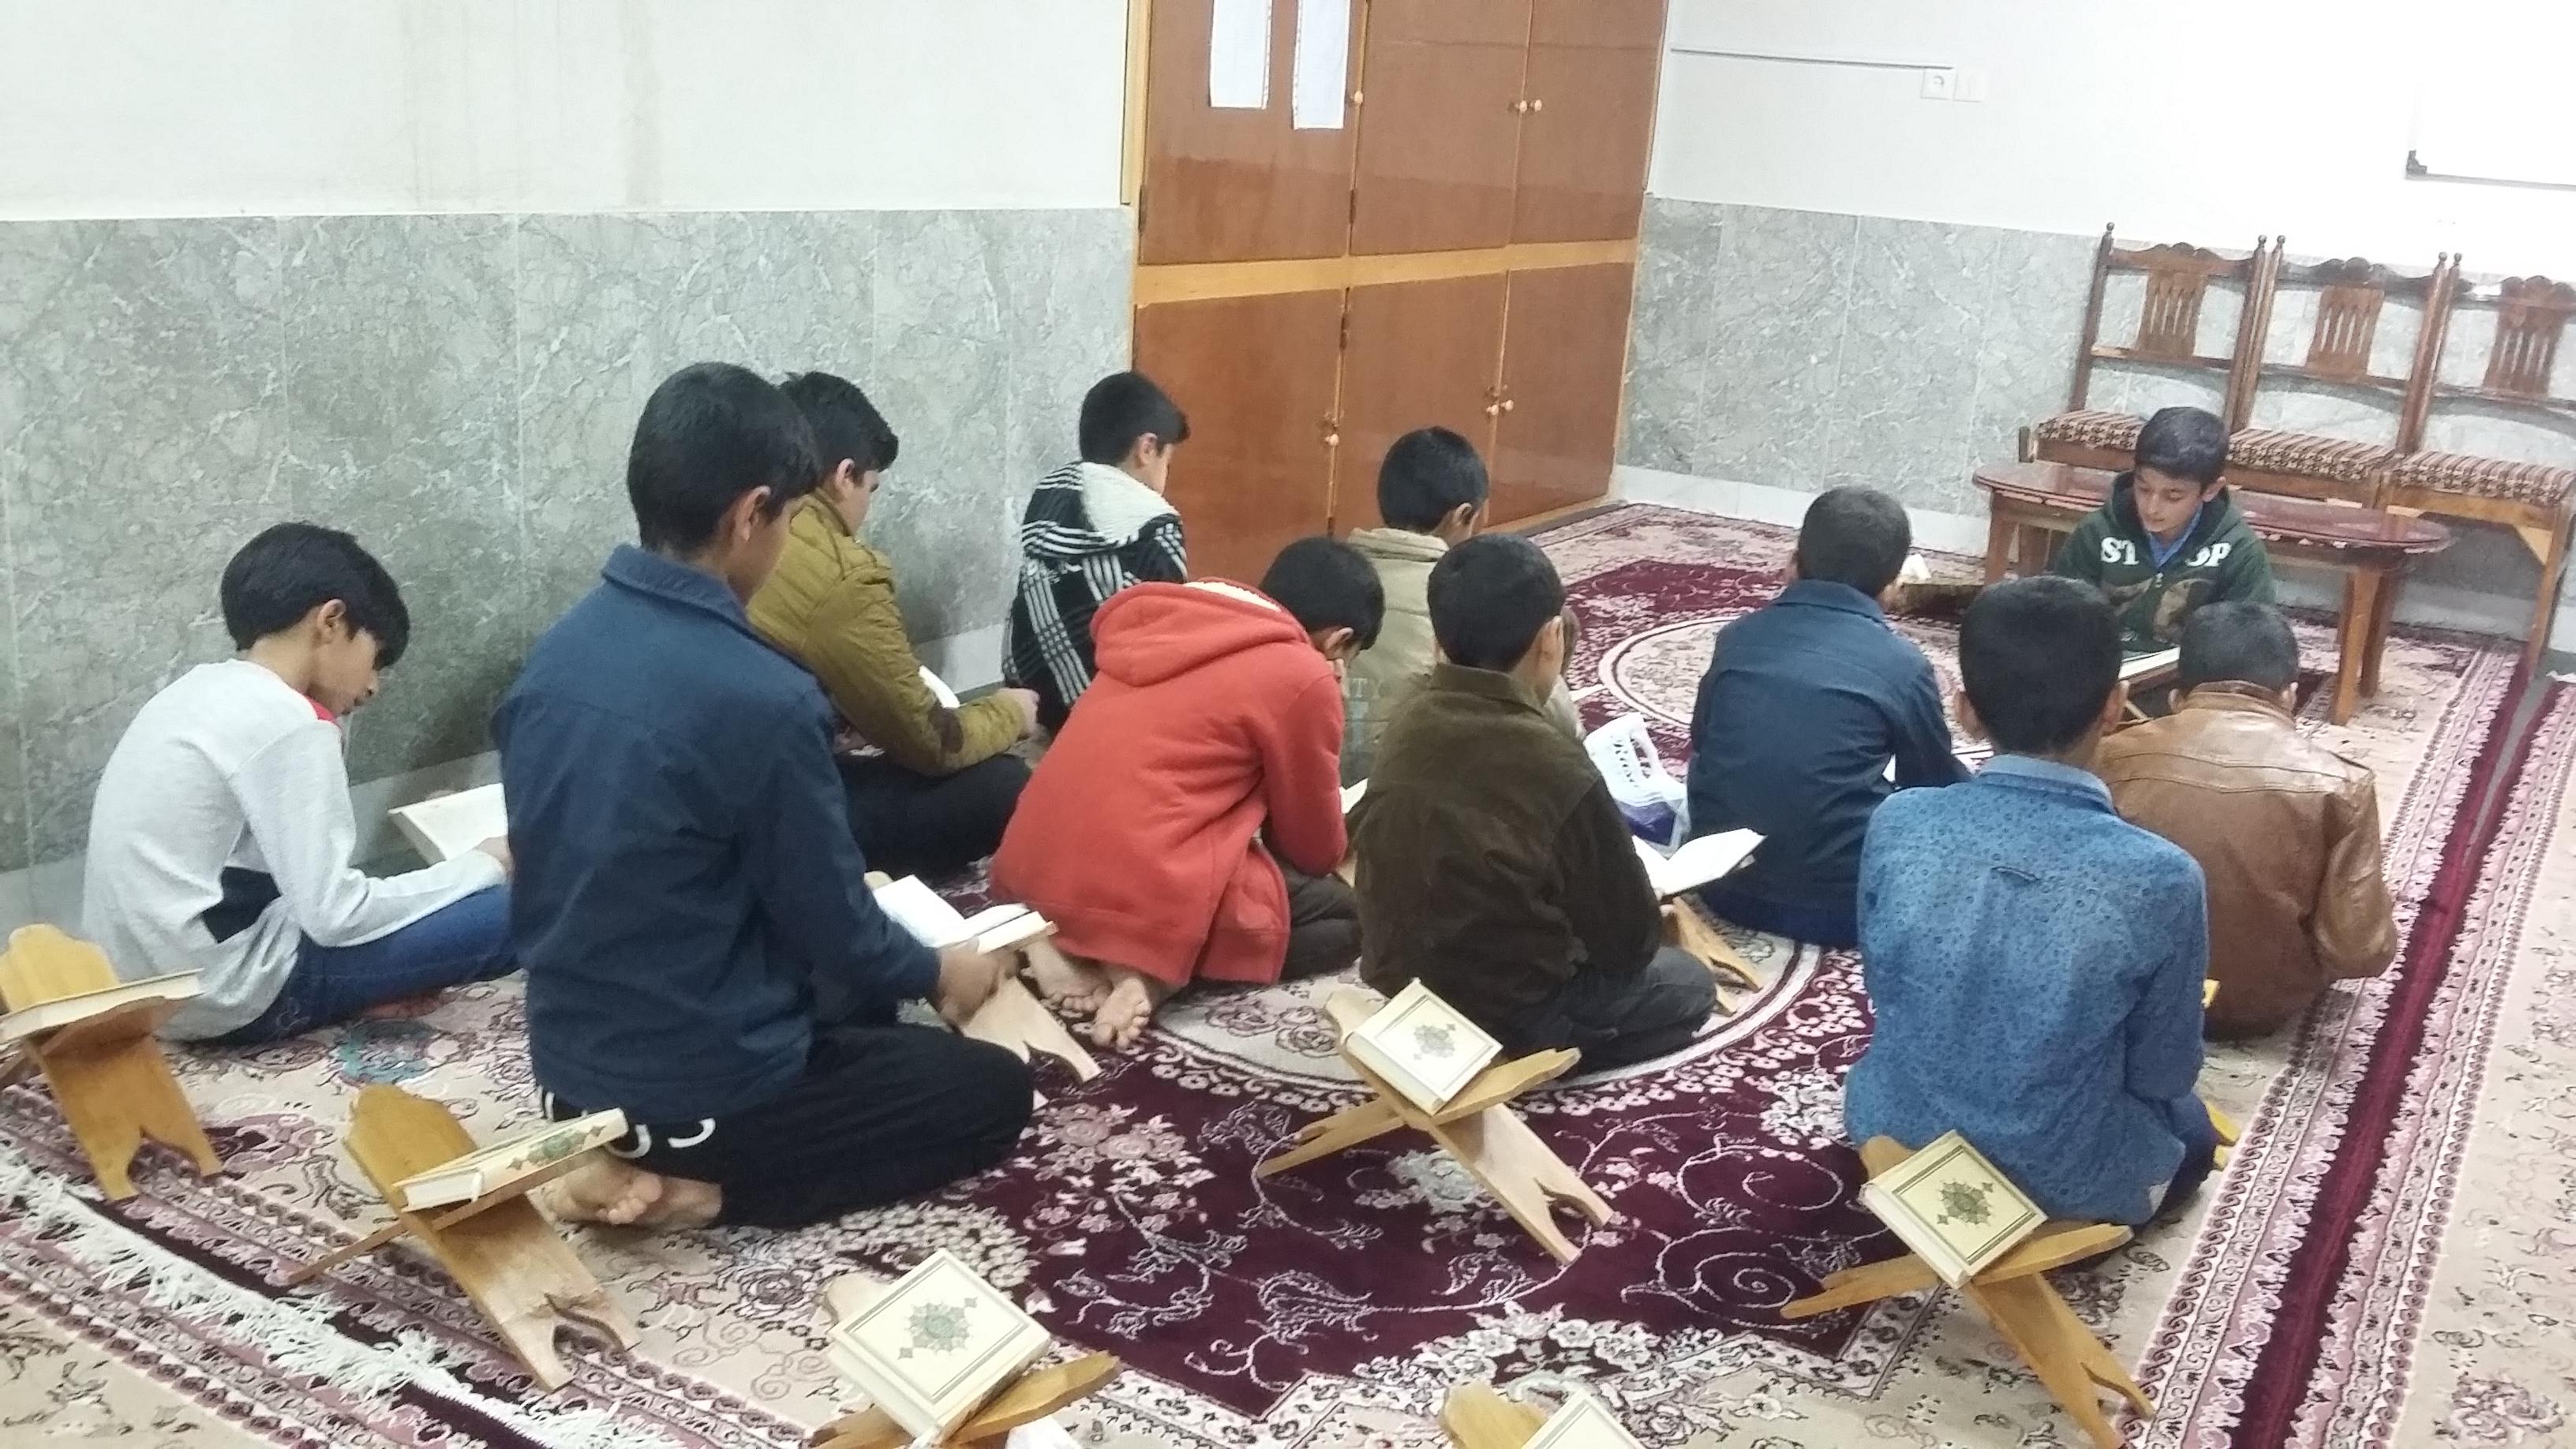 جلسه قرآن و قطره ای از نهج البلاغه                                 کانون فرهنگی شهید ابراهیم برزگران